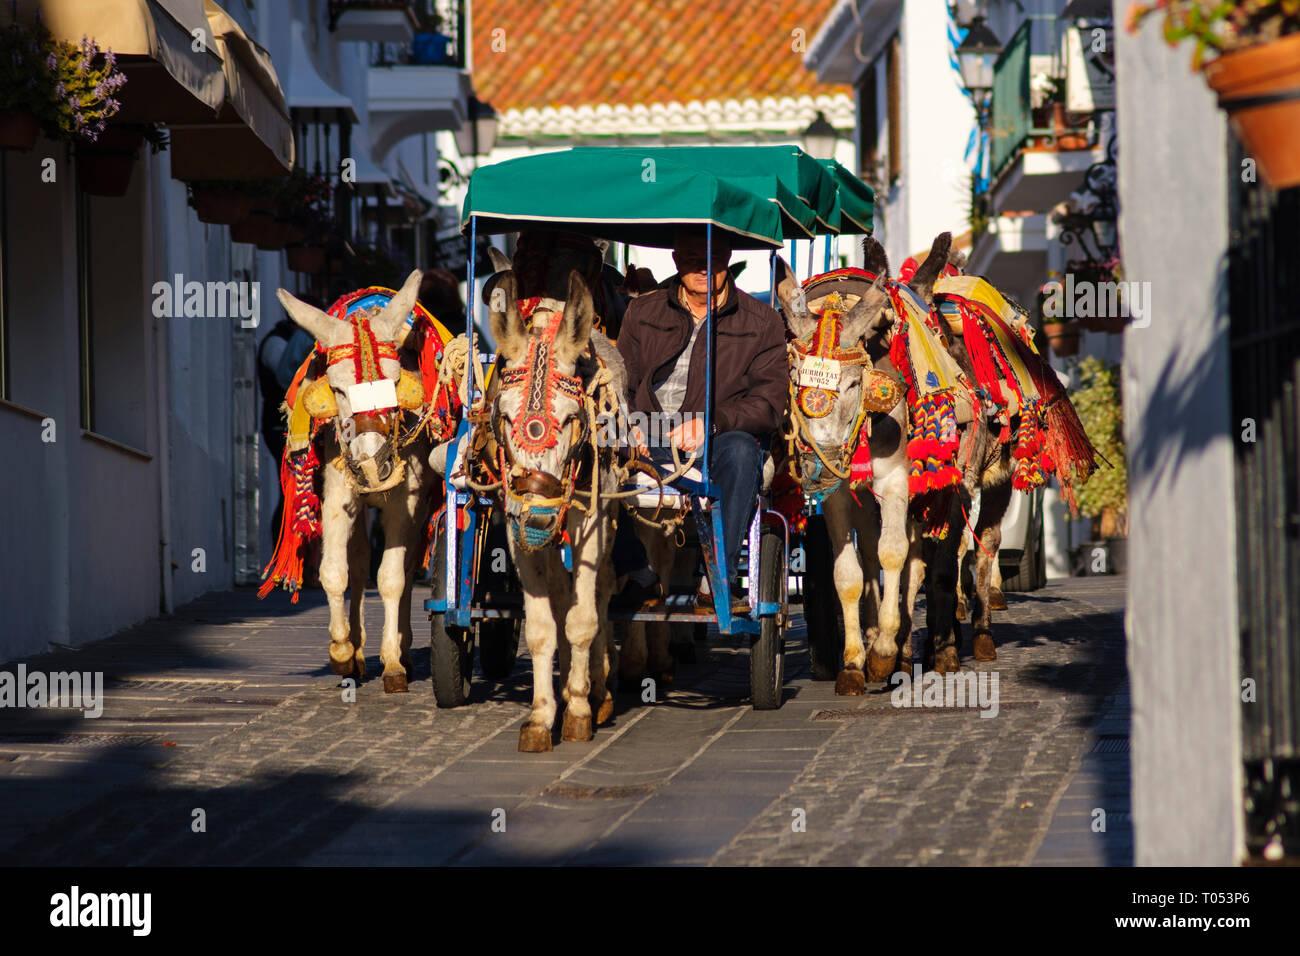 Famoso asino taxi. Attrazione per i visitatori di bianco, tipico villaggio di Mijas. Costa del Sol, Málaga provincia. Andalusia, Spagna del Sud Europa Immagini Stock